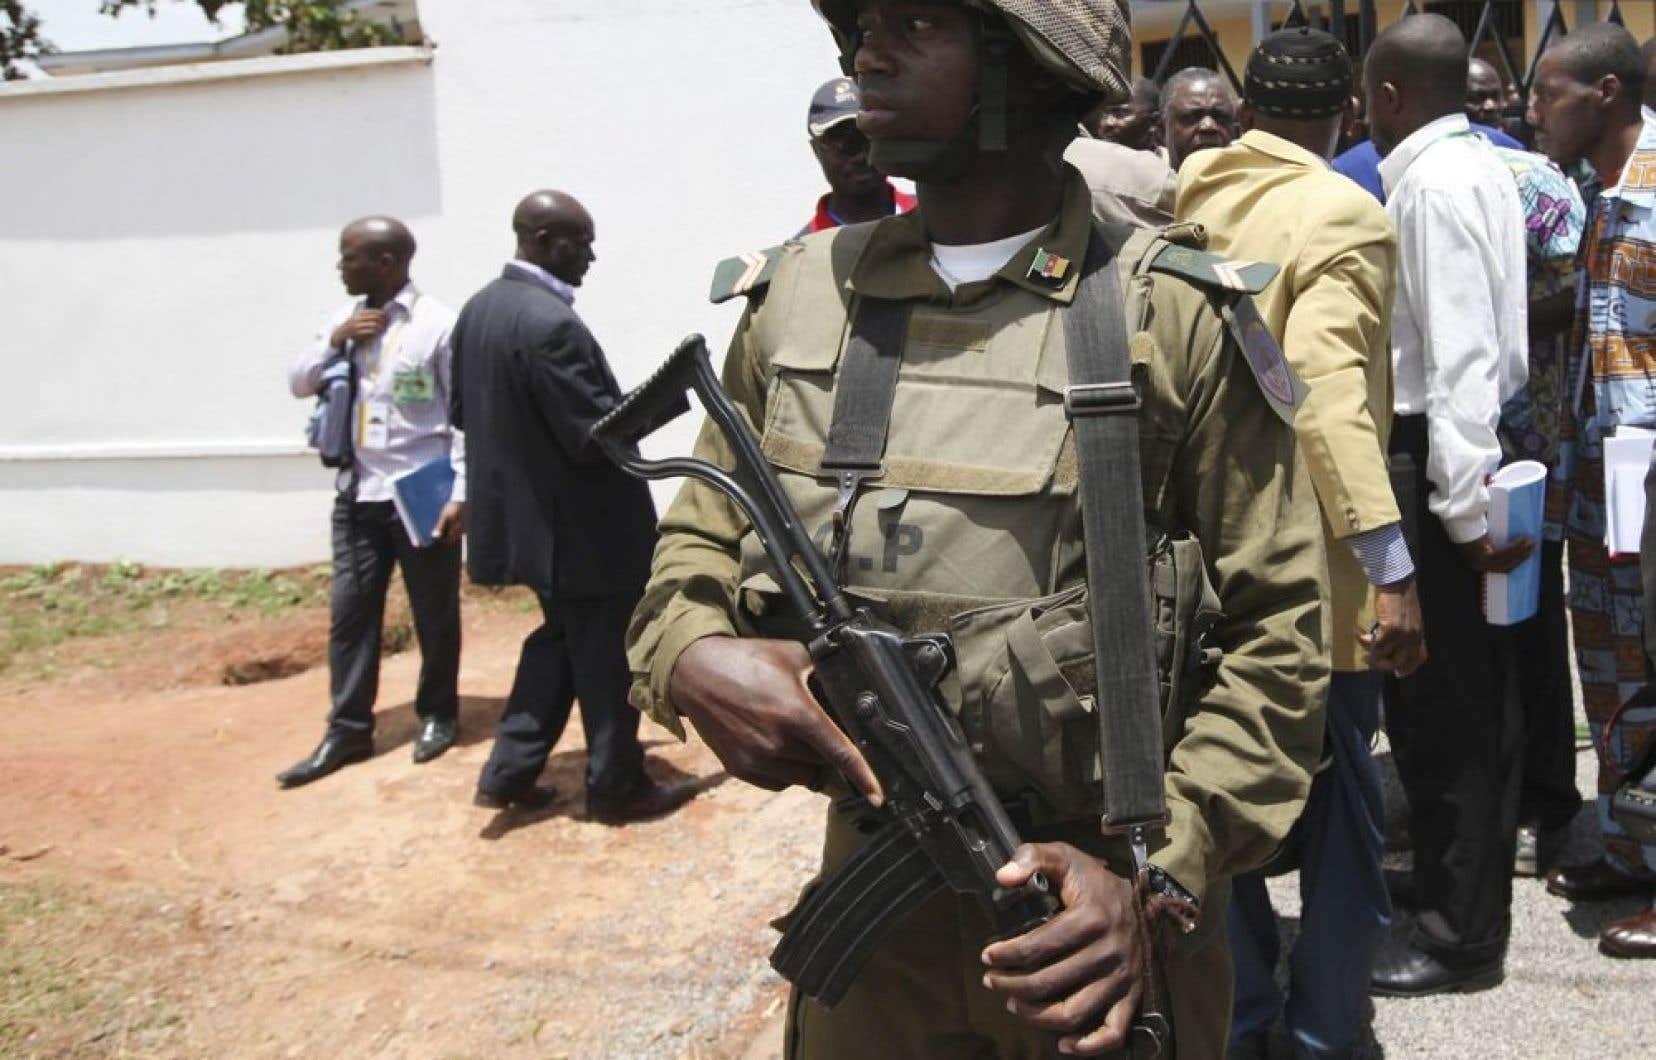 Le président du Cameroun, Paul Biya, a ordonné un renforcement de la sécurité au pays.